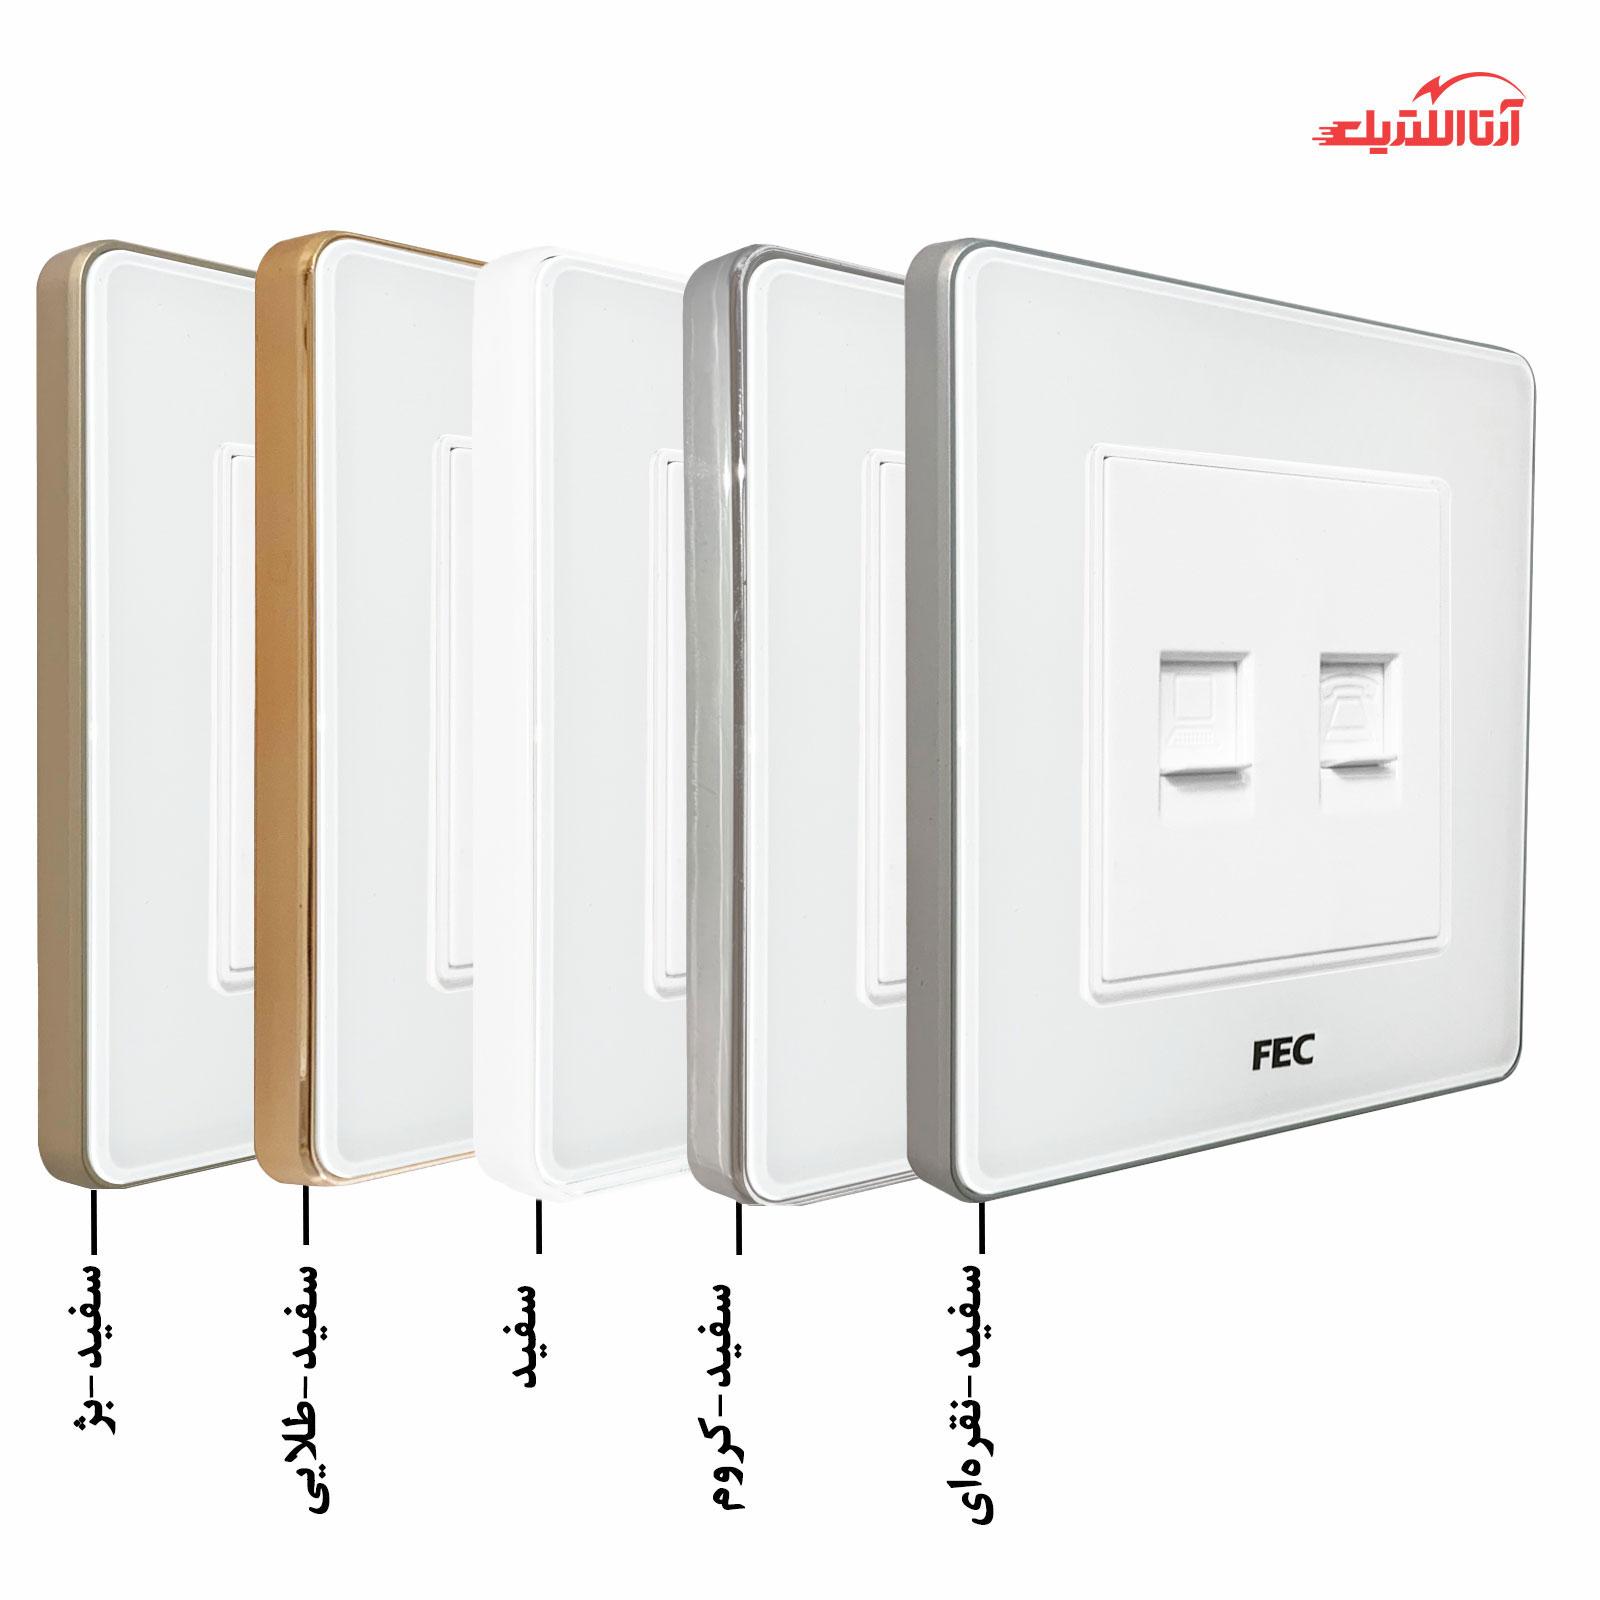 پریز تلفن و شبکه فاین الکتریک مدل FEC-PS-02